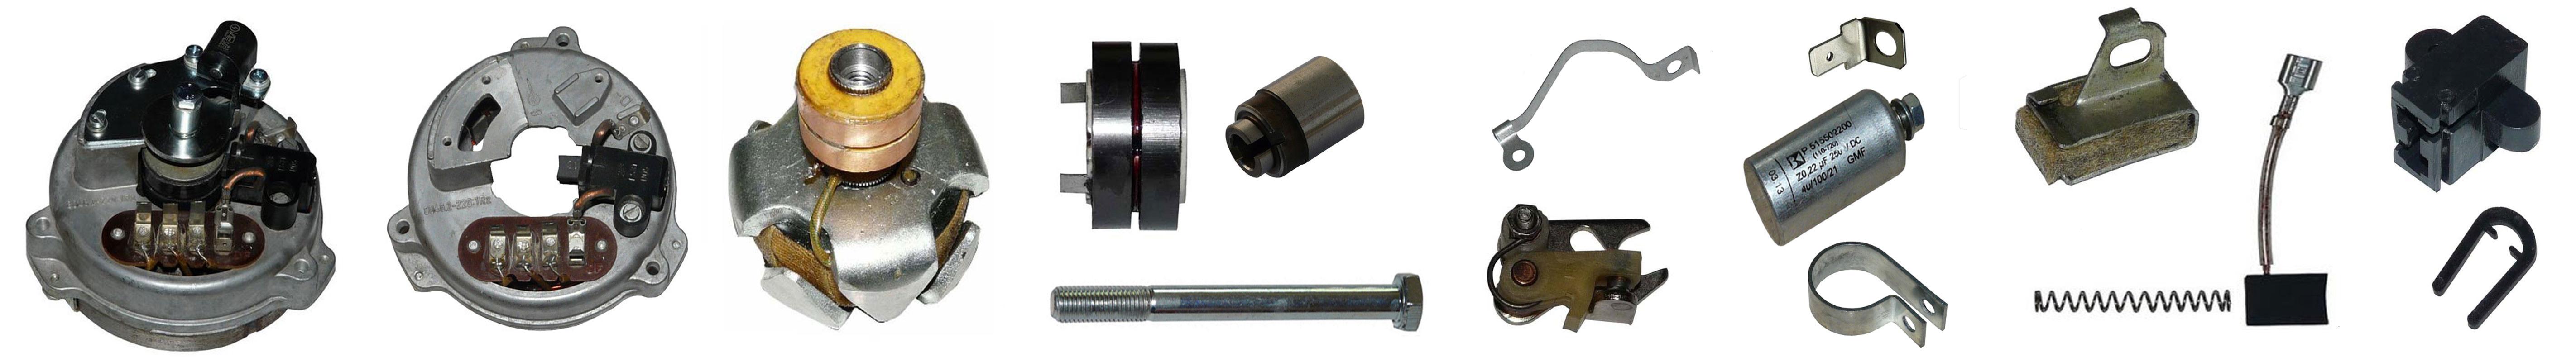 Ersatzteile Lichtmaschine MZ ETZ 125 MZ ETZ 150